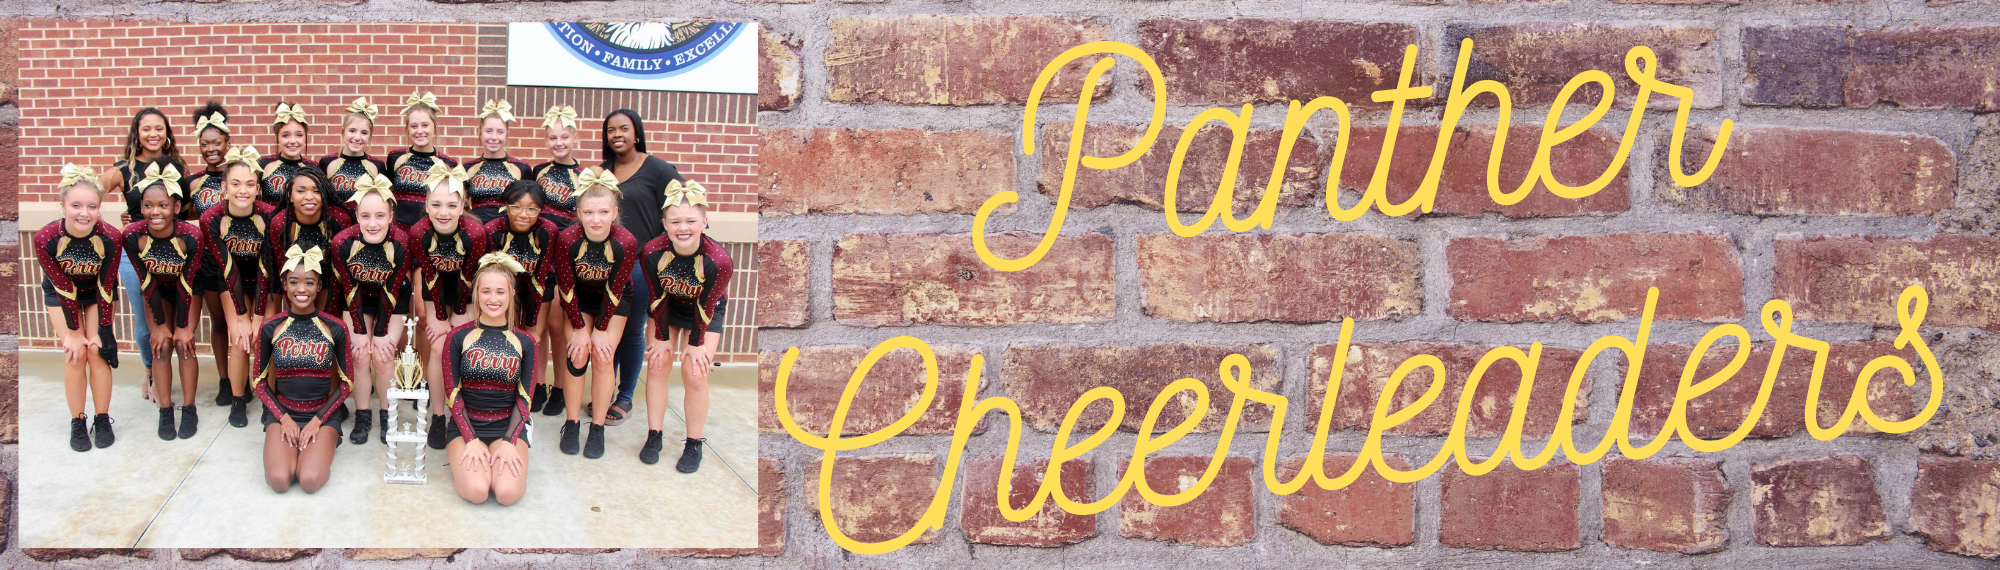 Panther Cheerleaders